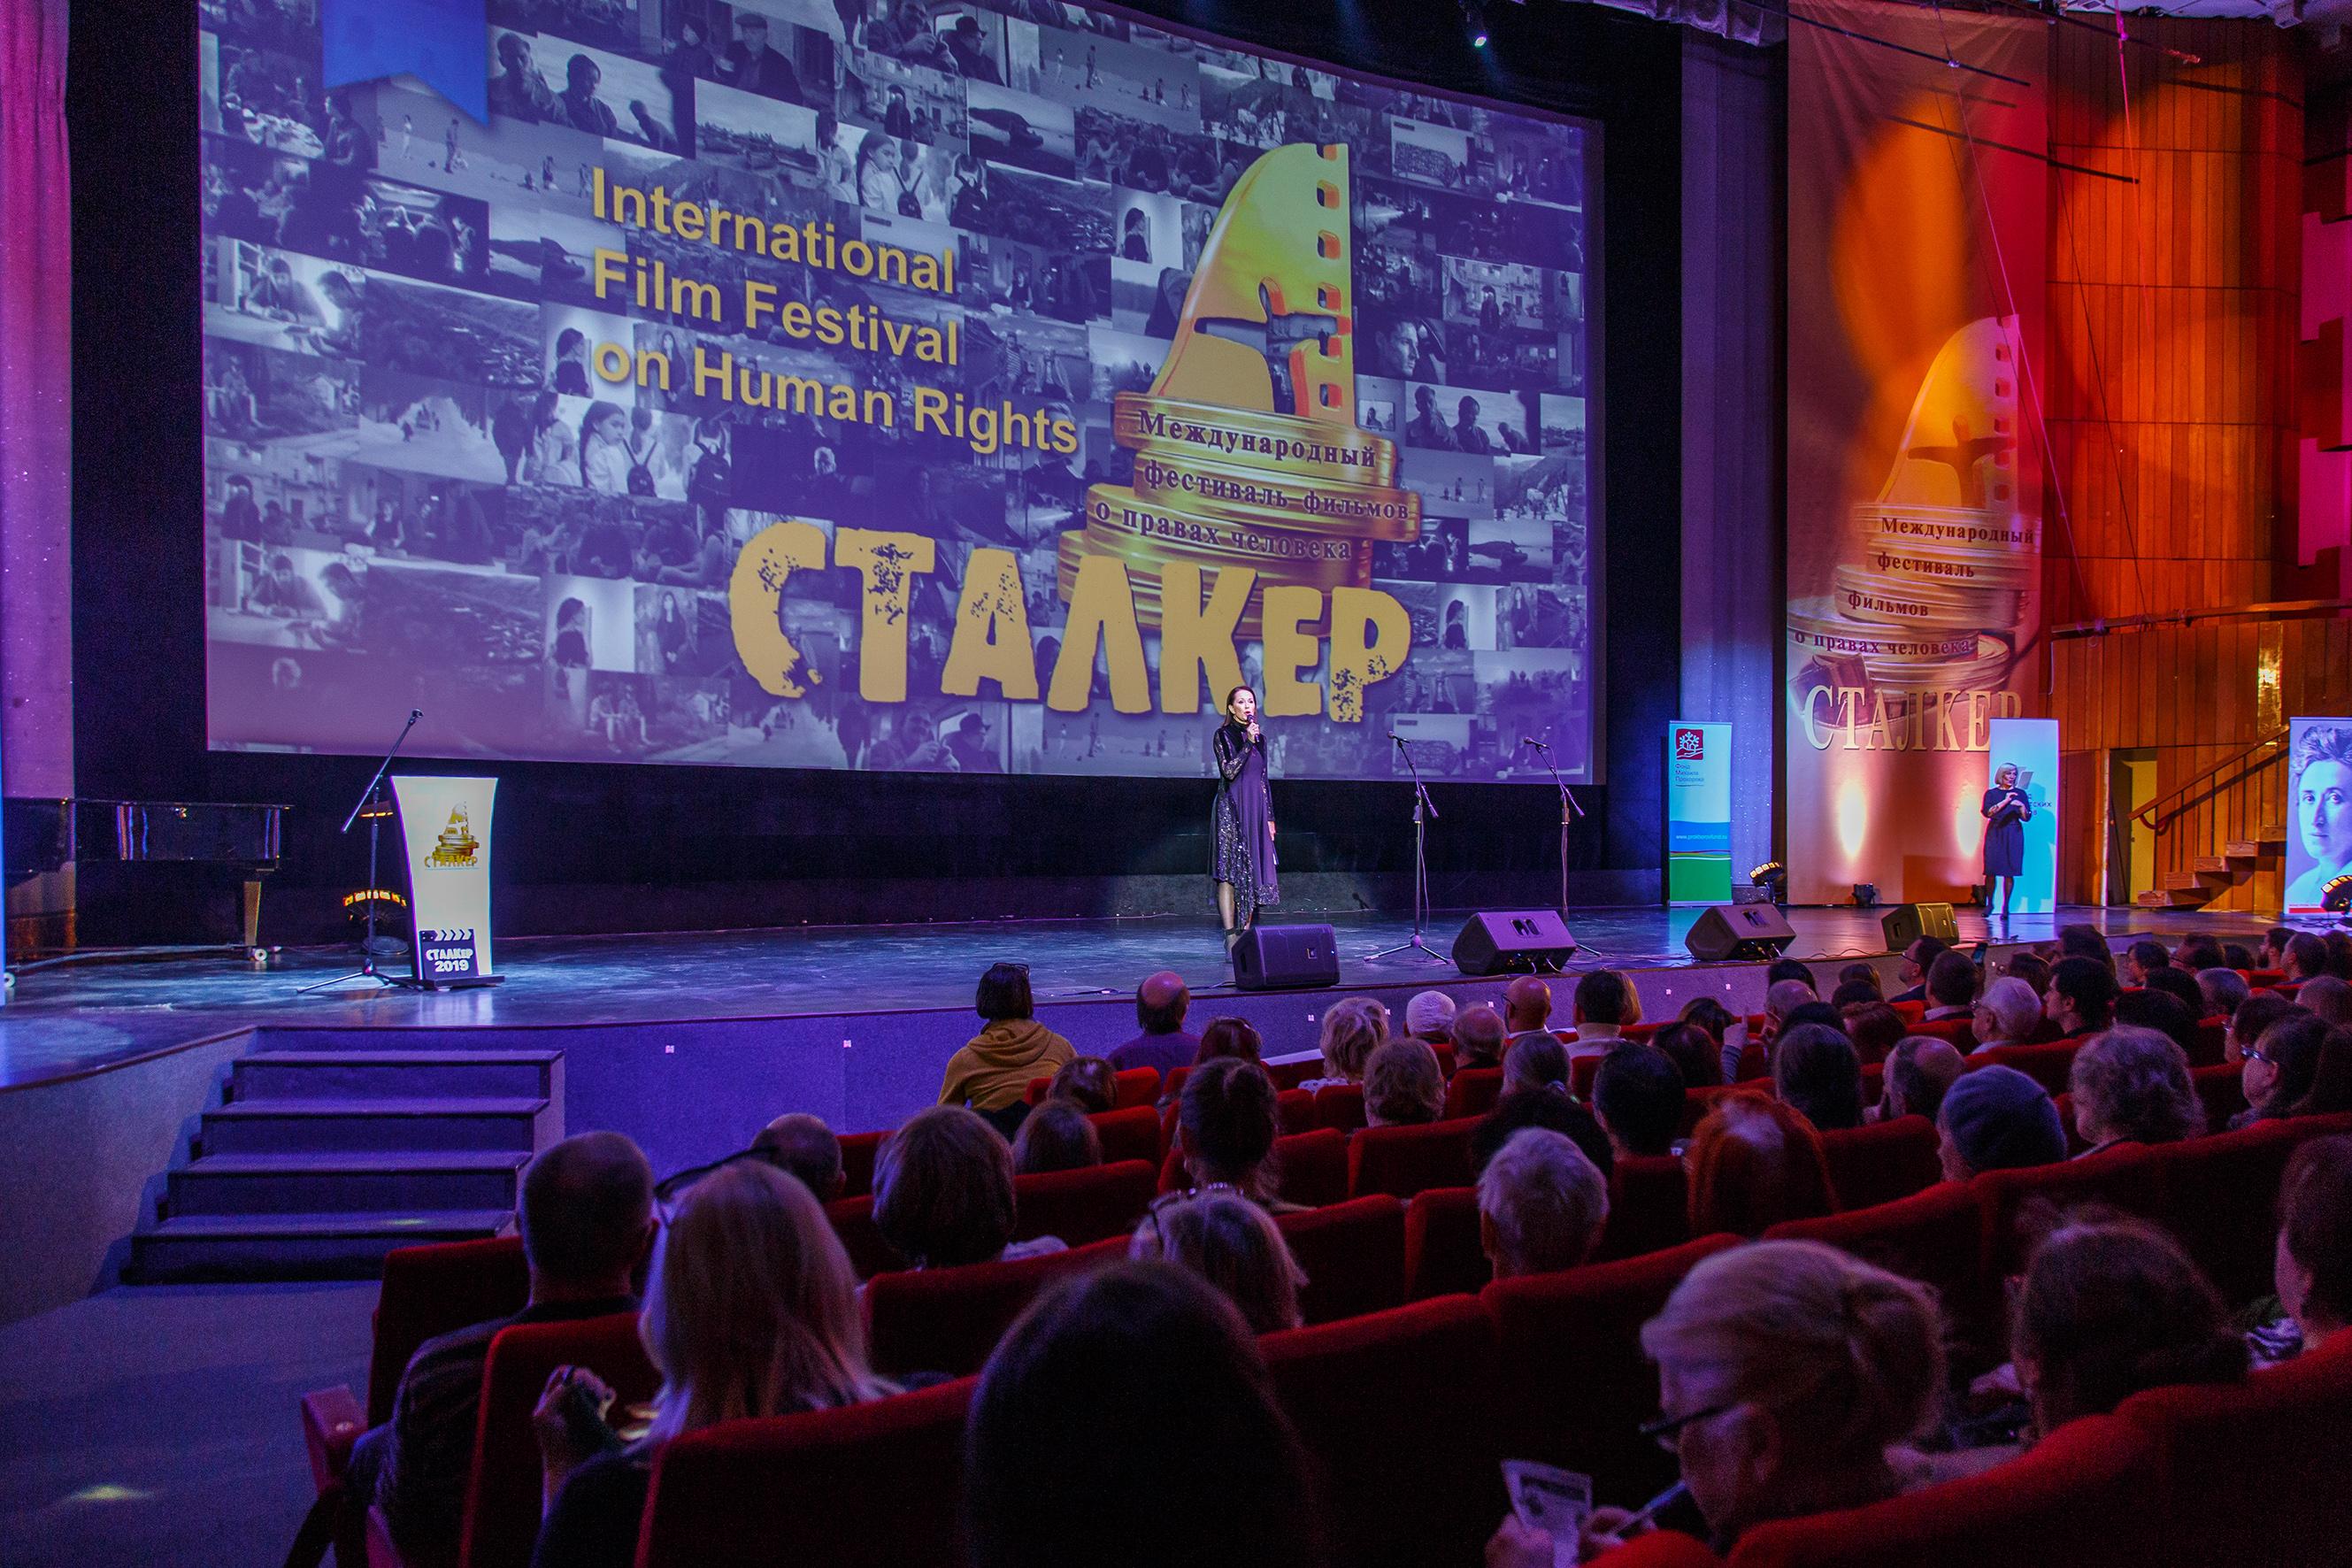 25 лет: открытие кинофестиваля «СТАЛКЕР»